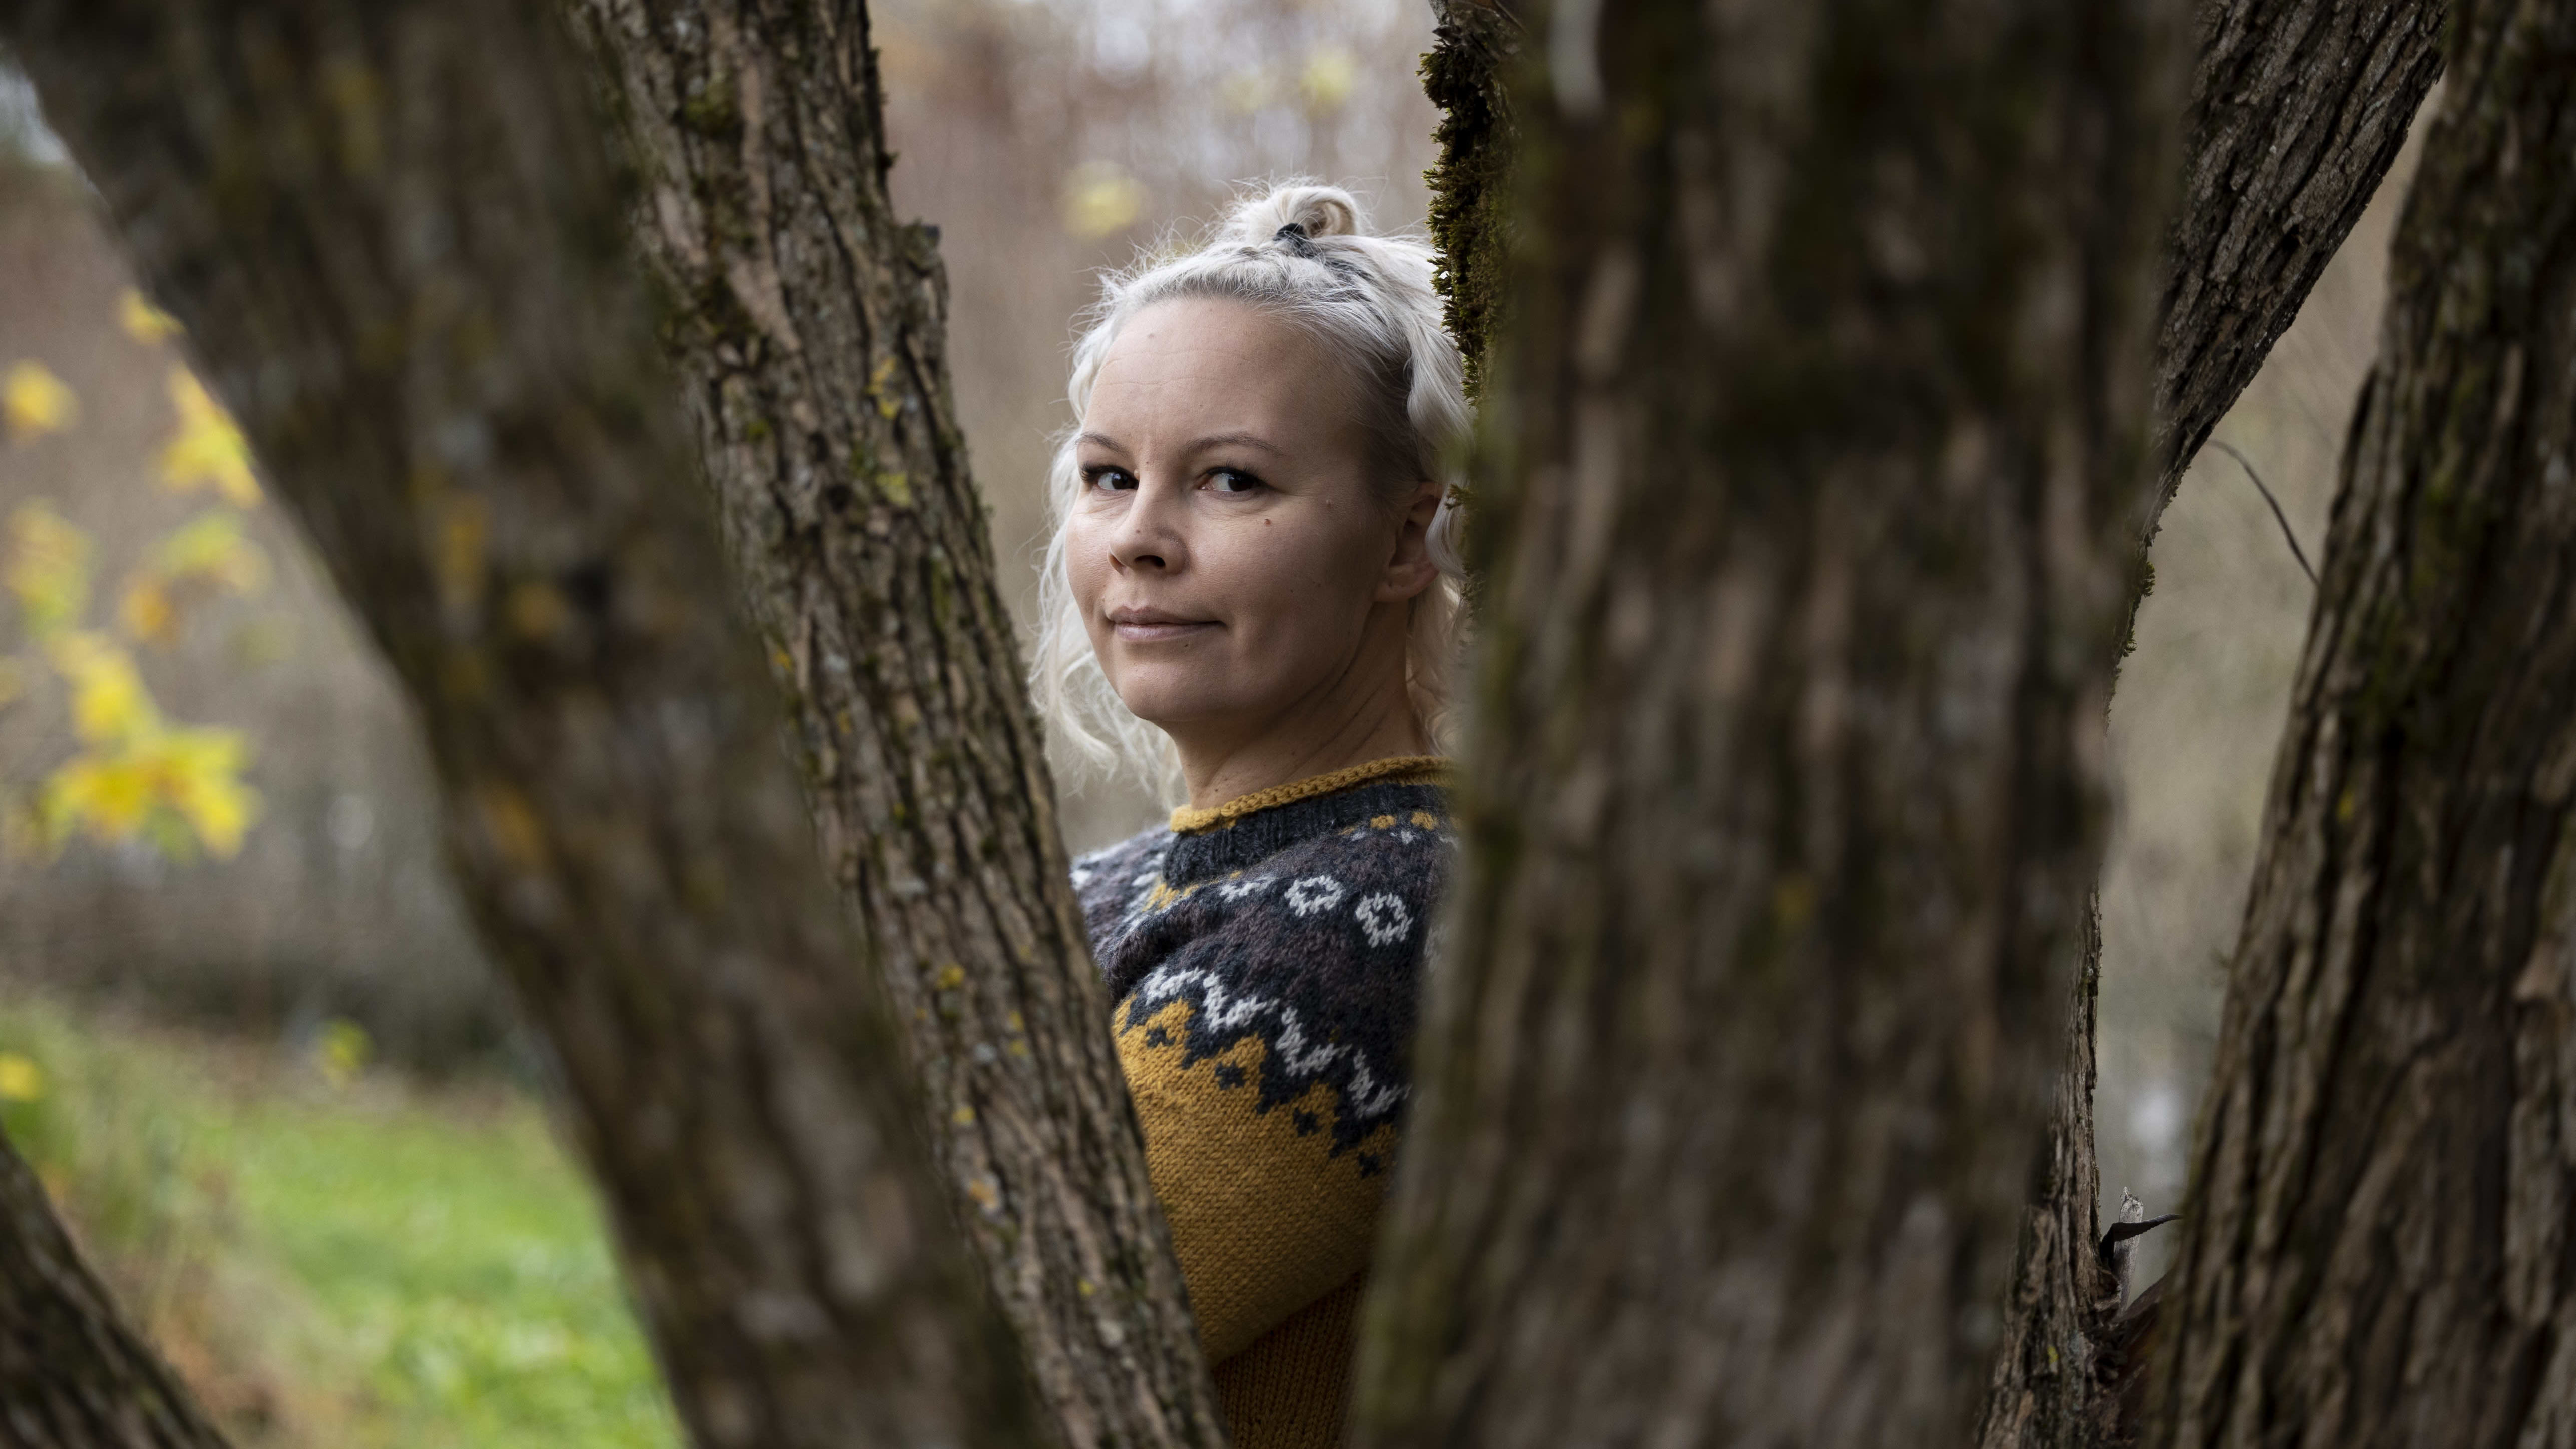 Potrettikuva vaaleahiuksisesta naisesta, joka seisoo sivuitse kameraan ja katsoo kameraan puiden takaa.